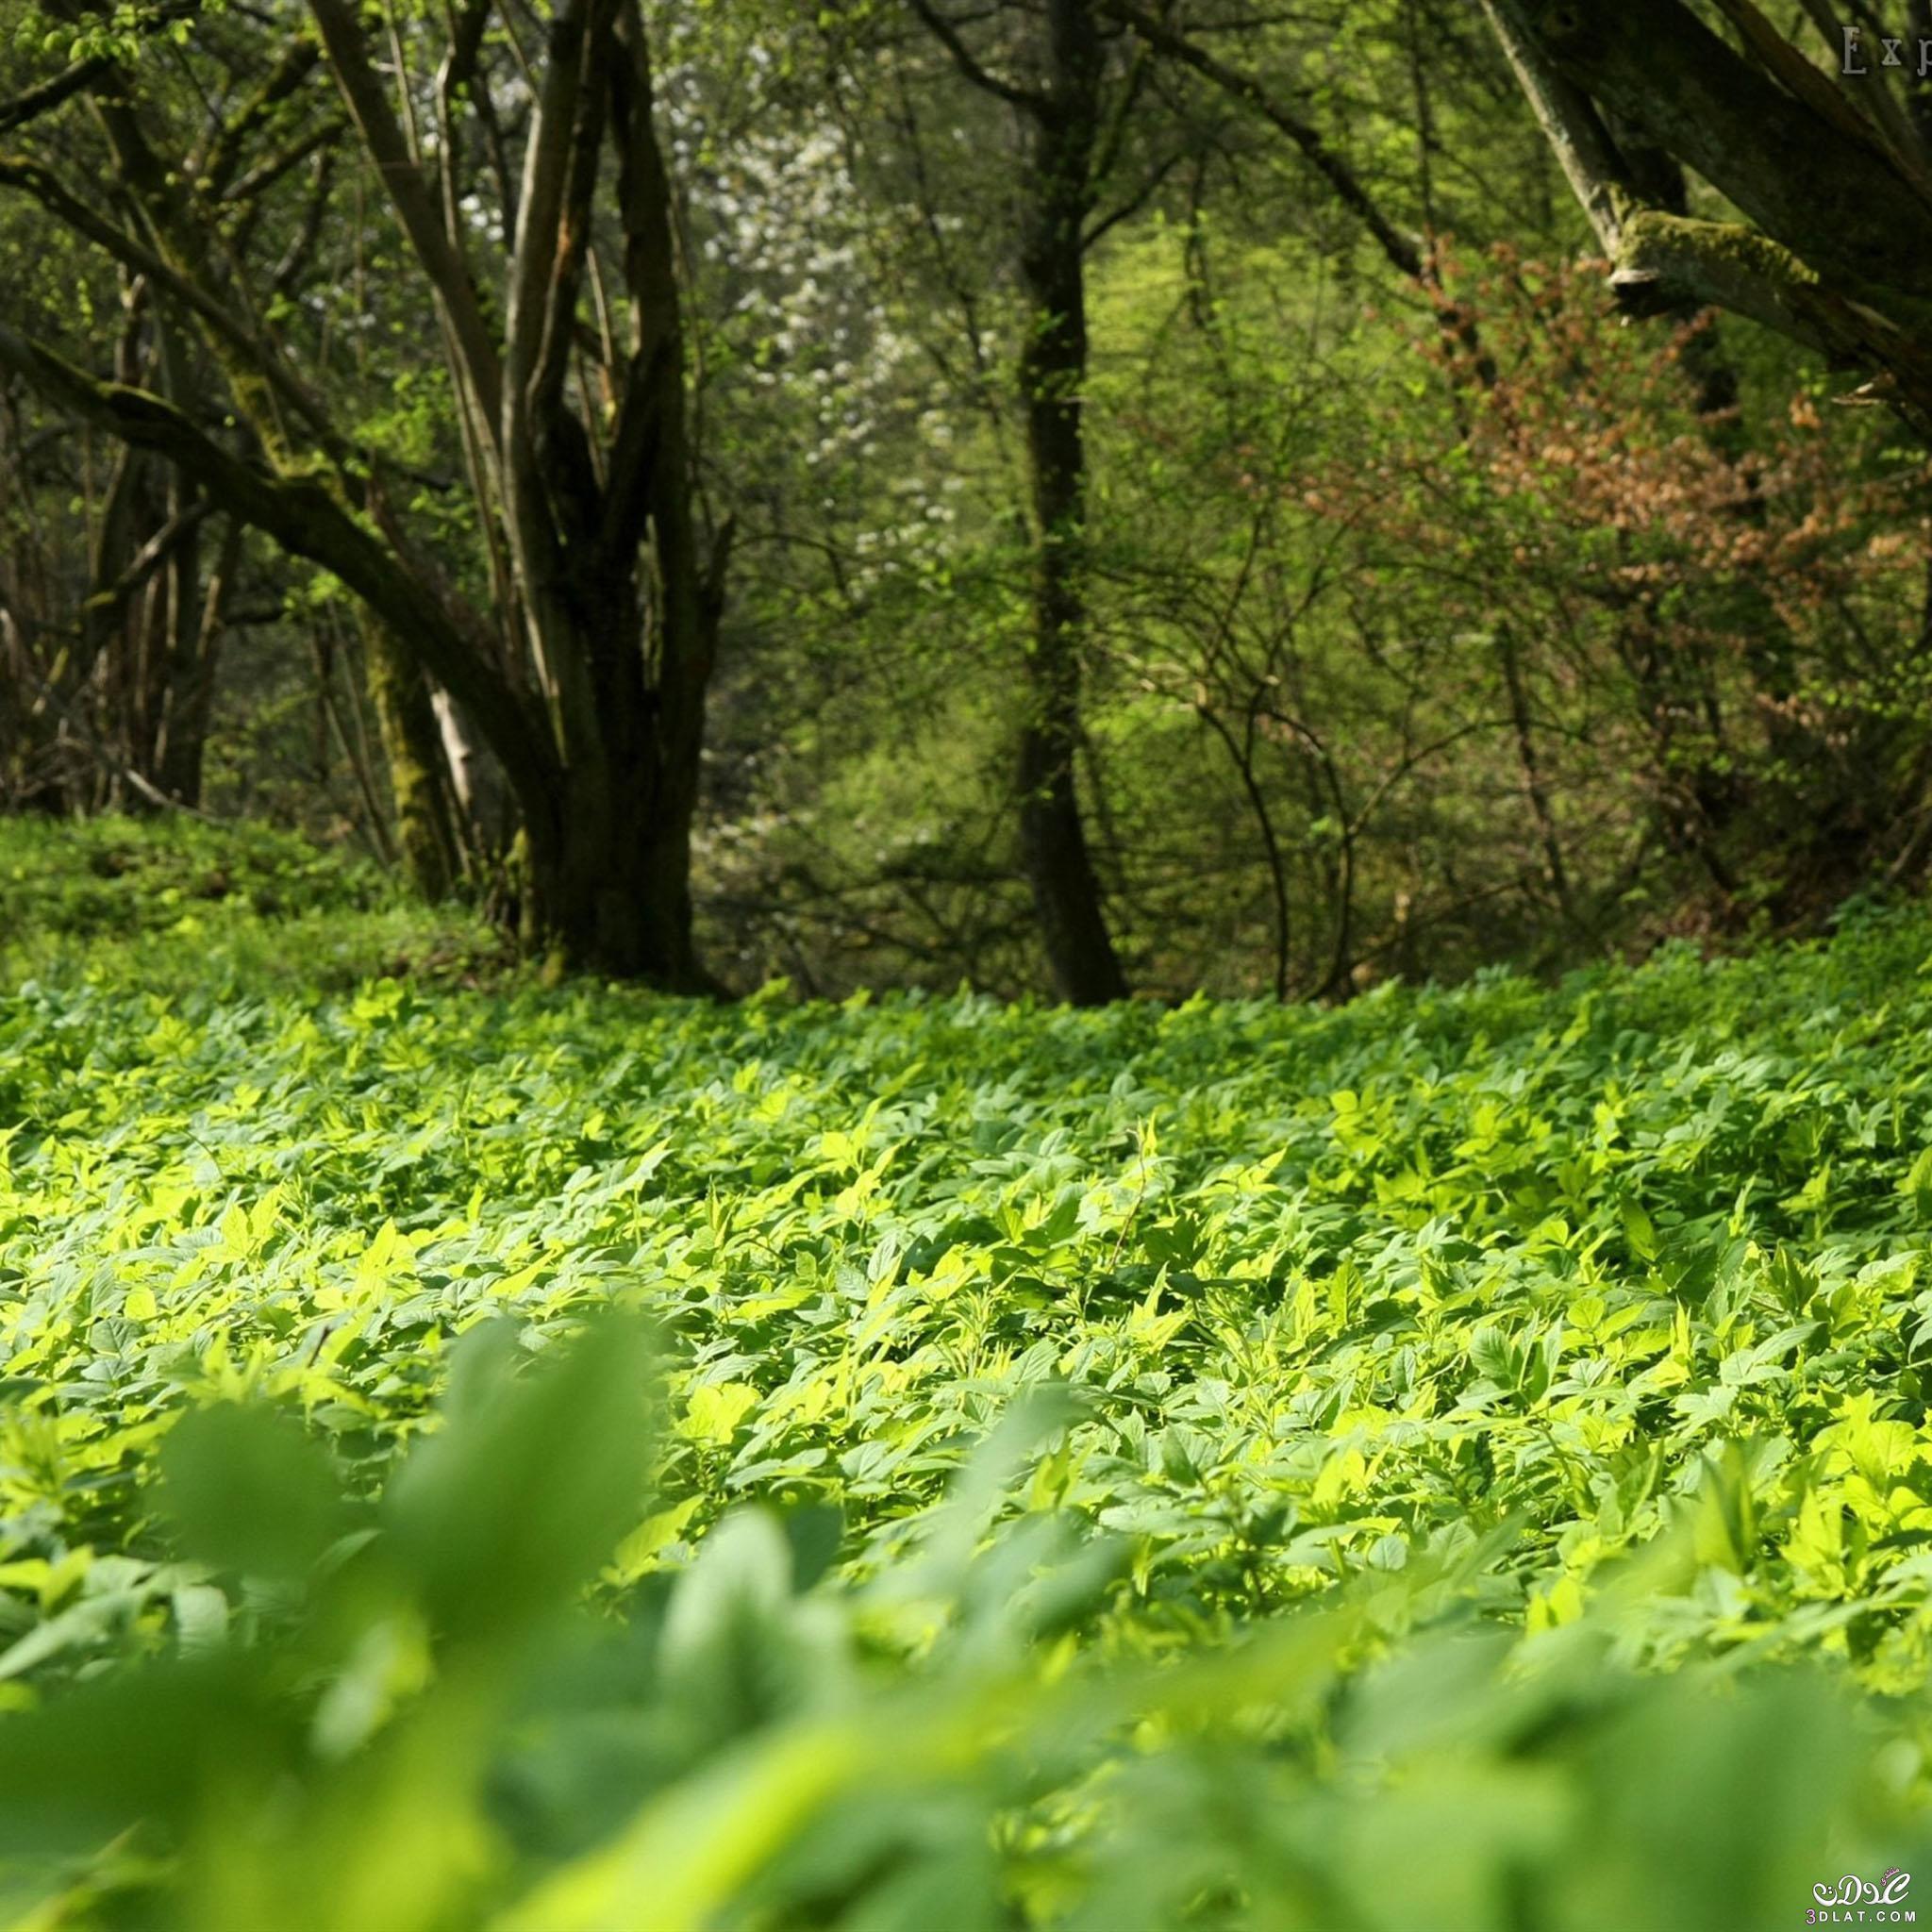 صور طبيعيه للنباتات والاشجار والطرق روعه,صور طبيعيه مذهله ,صور طبيعيه متنوعه 2015 3dlat.com_04_2014)Fo